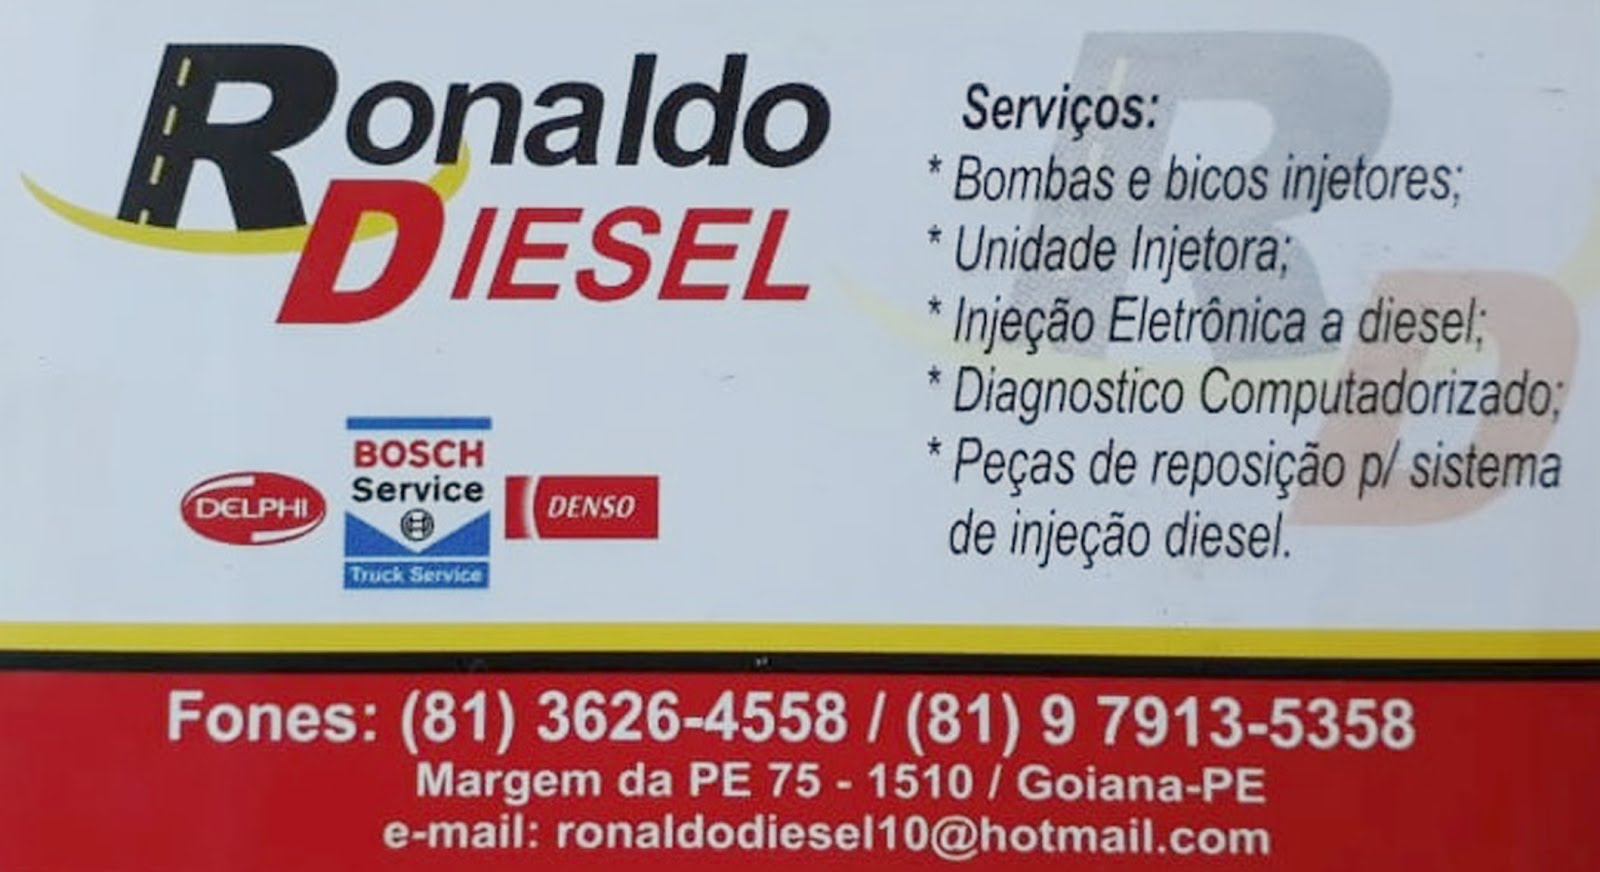 Ronaldo DIESEL